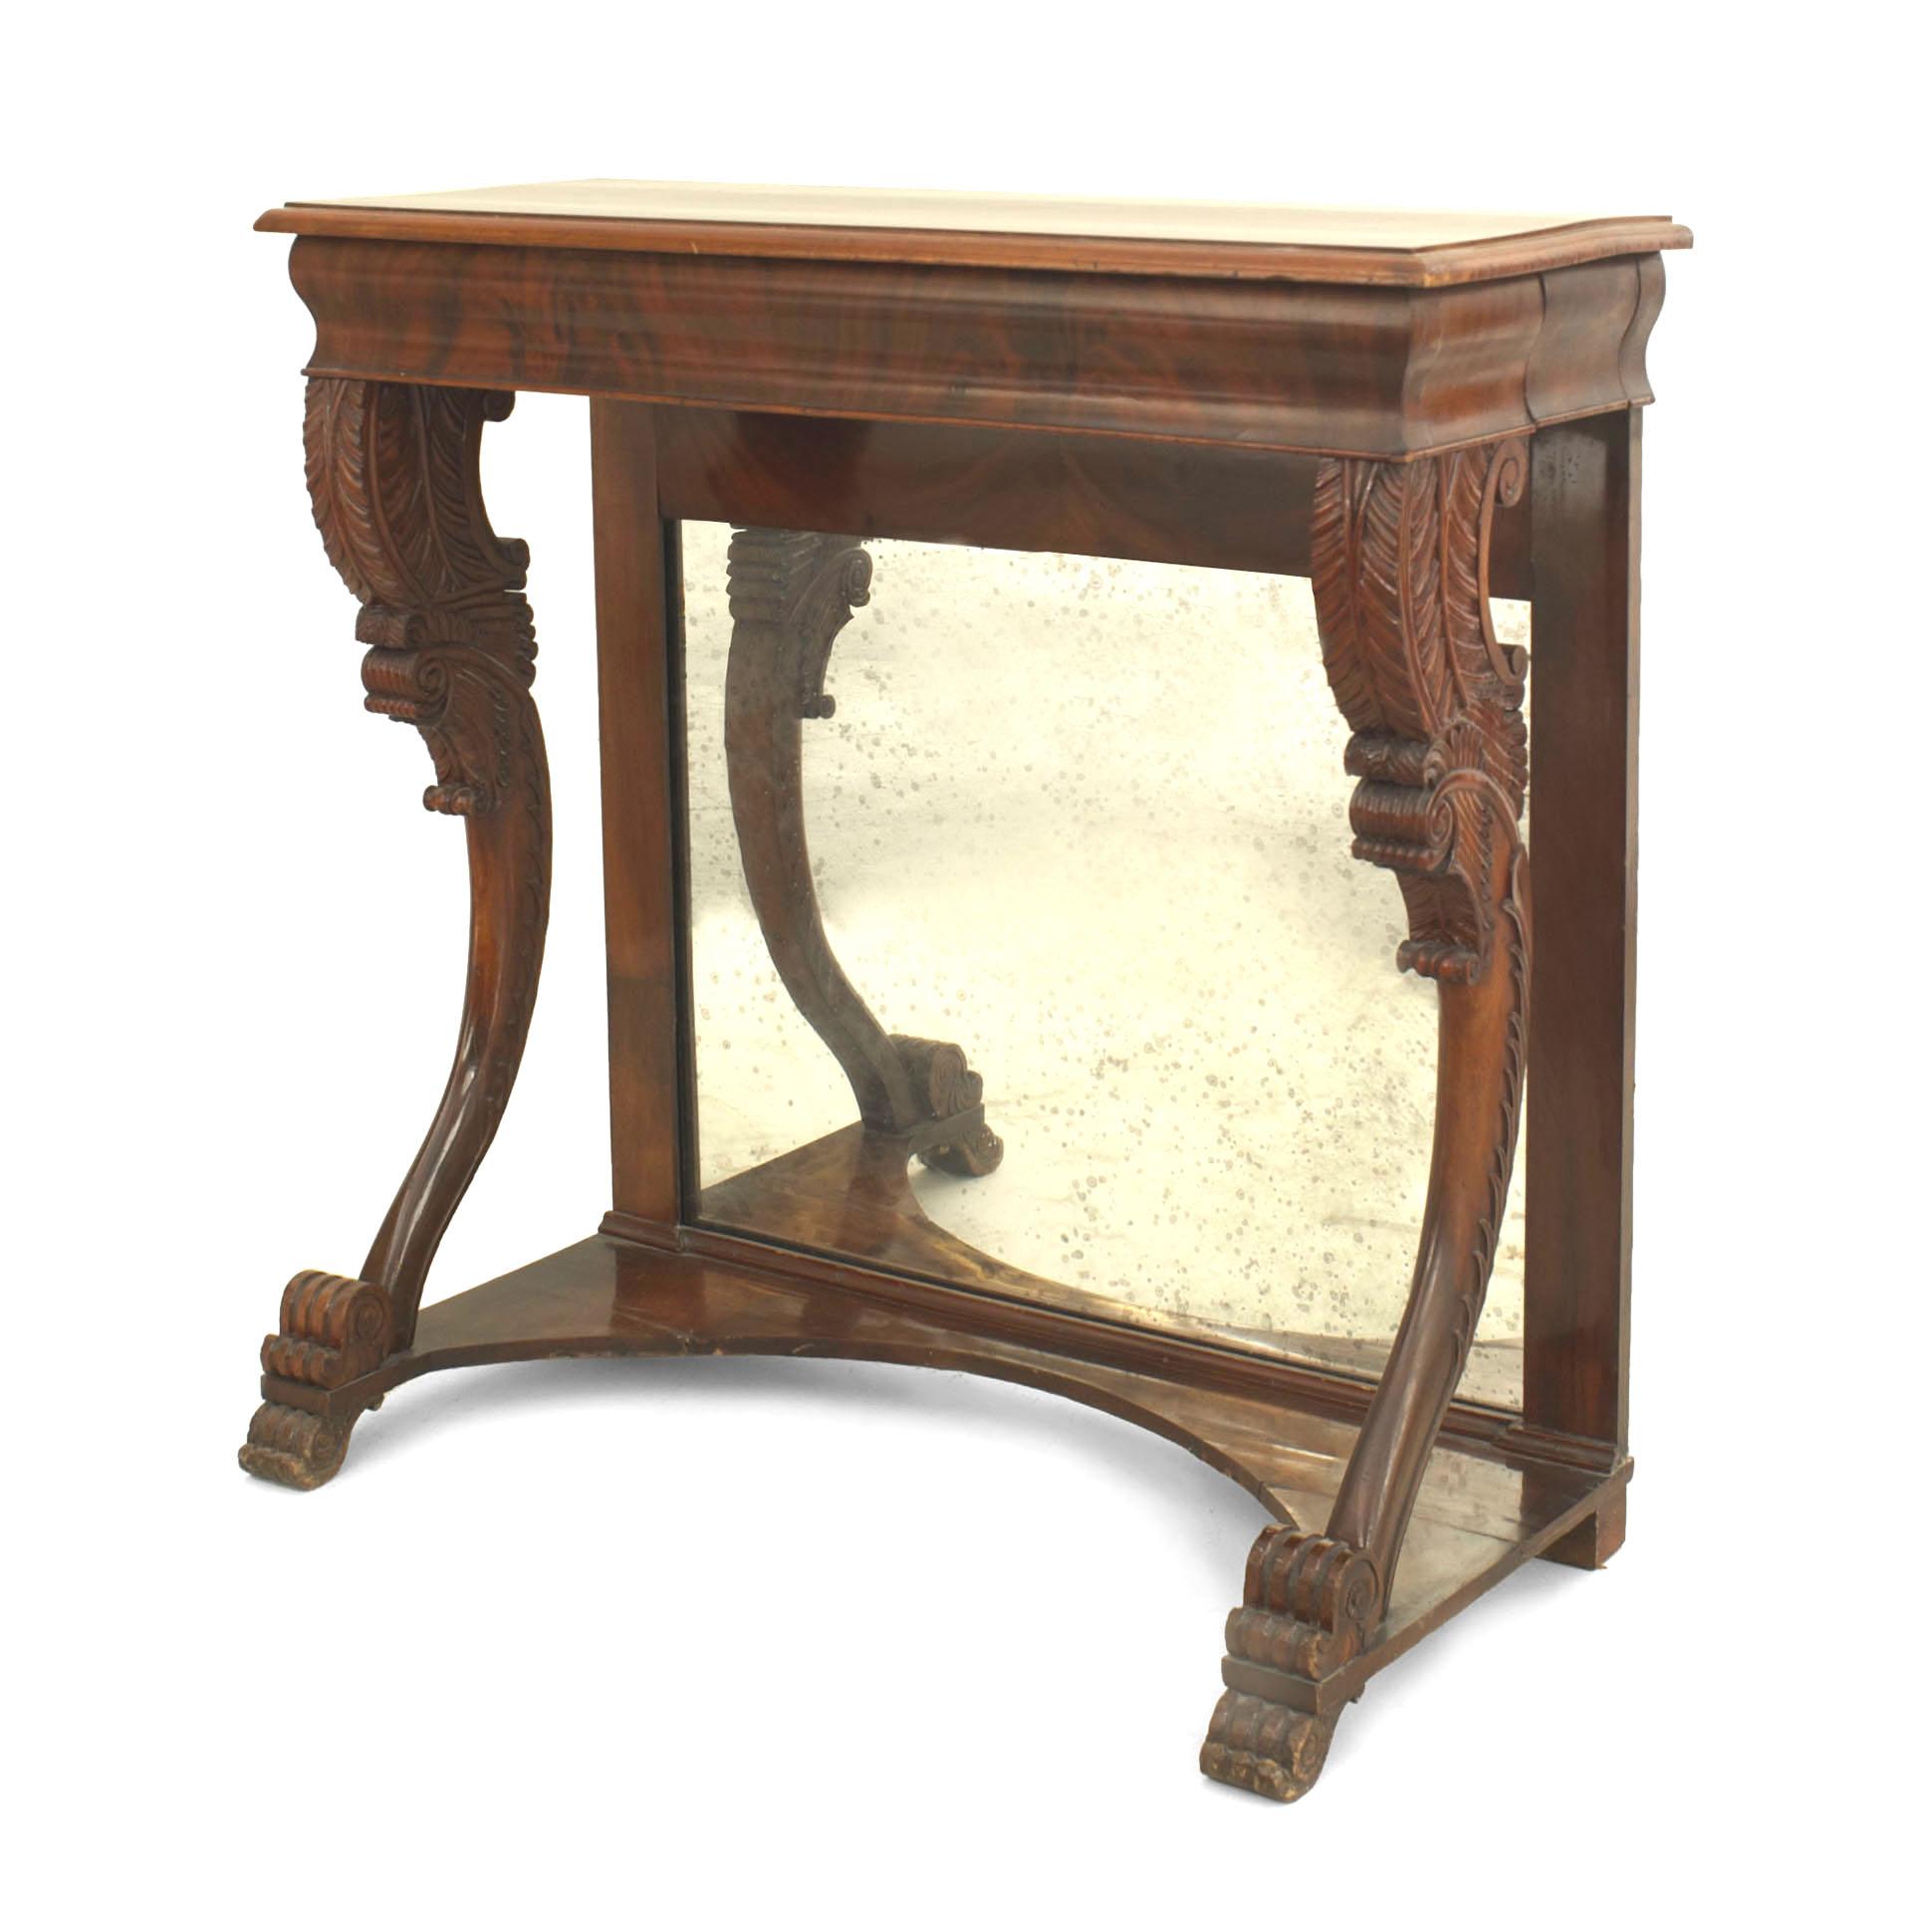 English Regency Mahogany Console Table